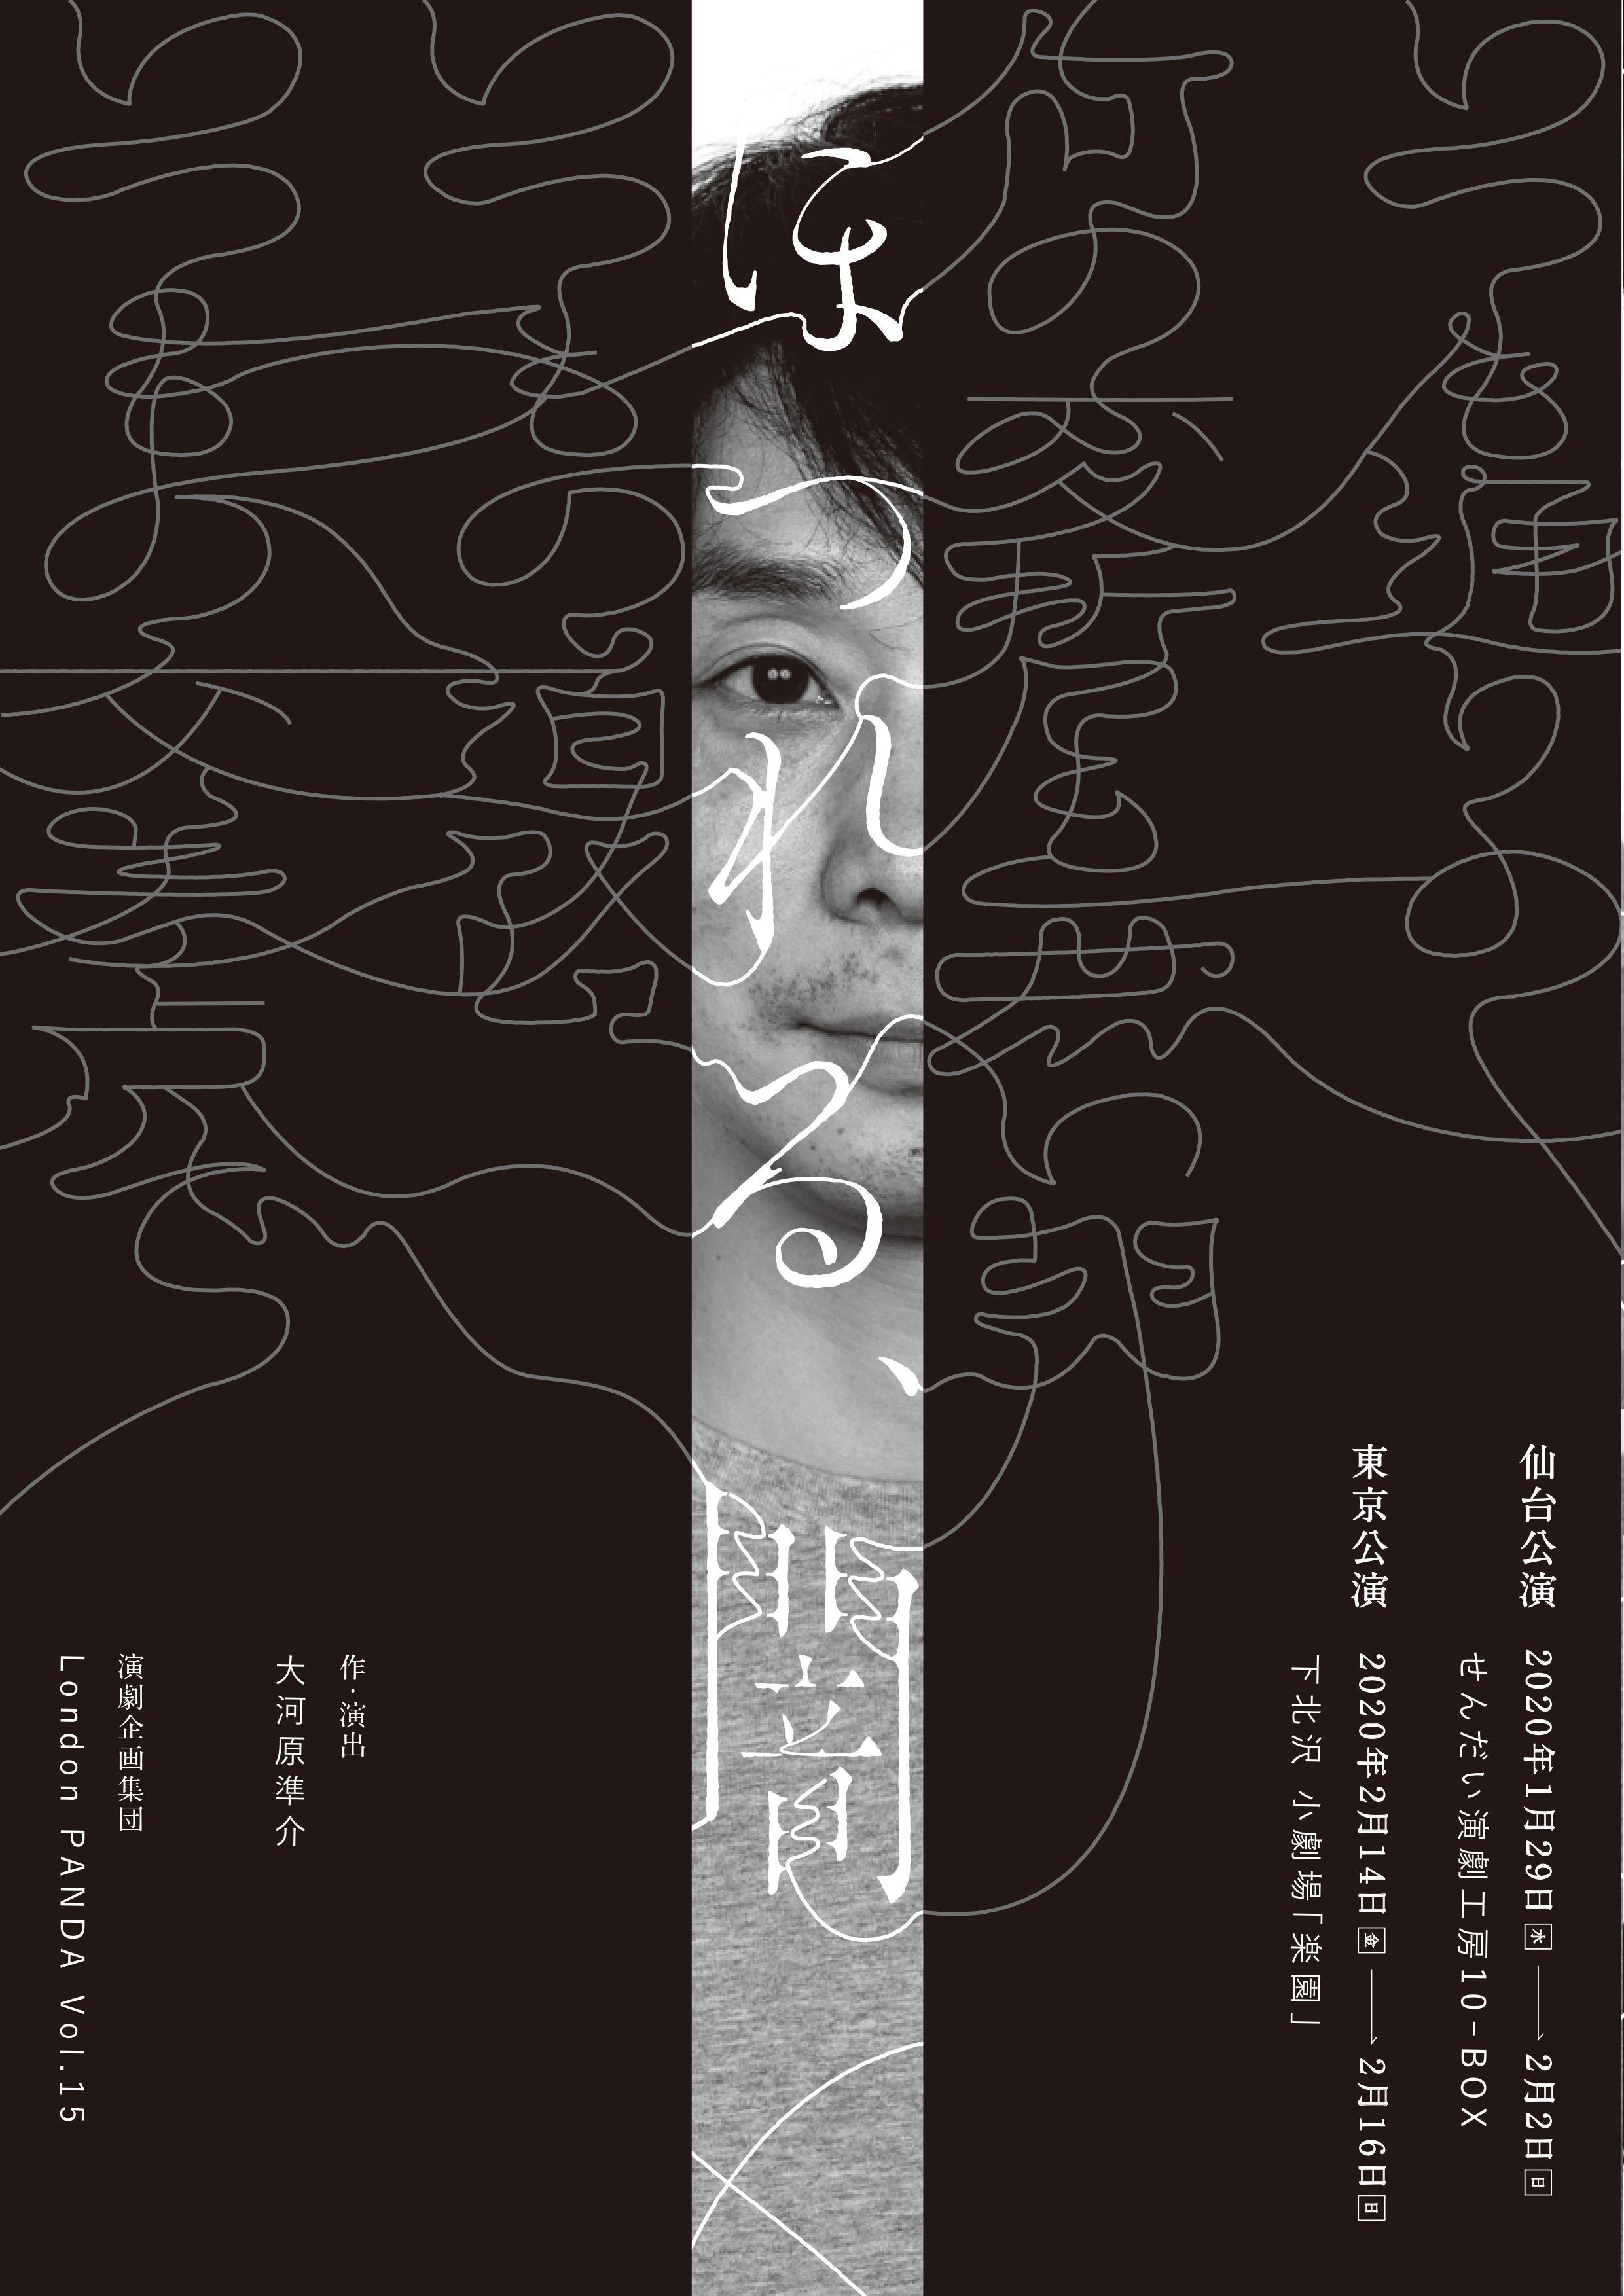 演劇企画集団LondonPANDA vol.15『ほつれる、闇』